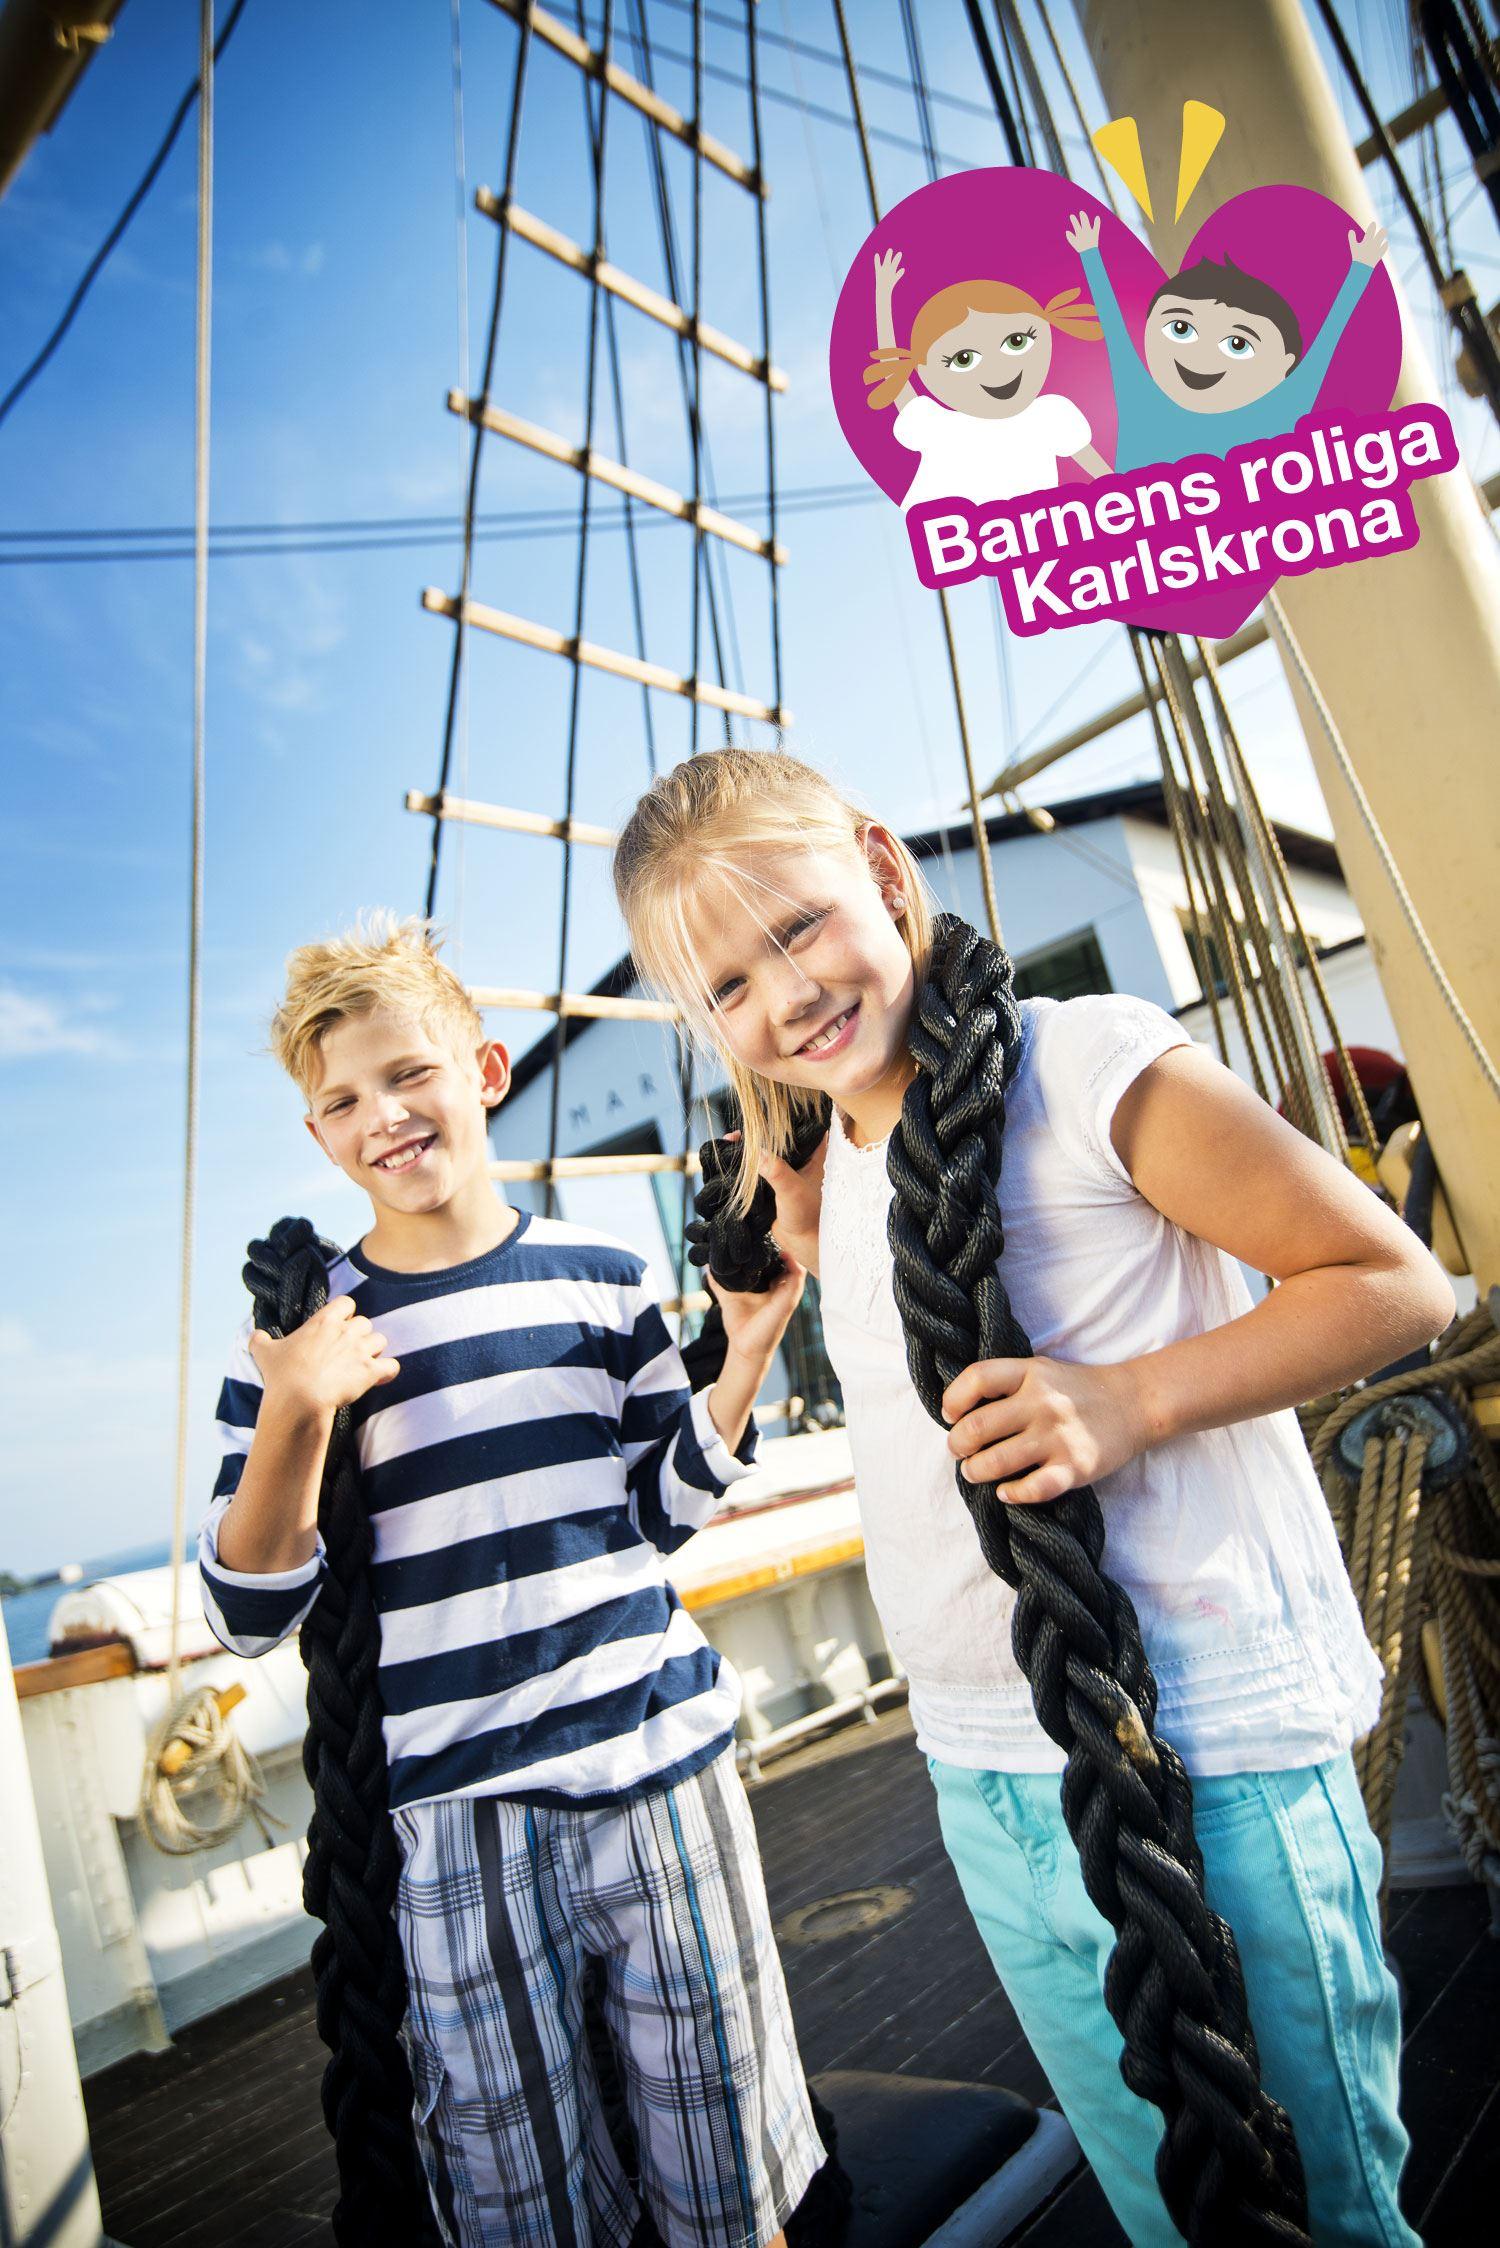 Barnens roliga Karlskrona - Förmånskort